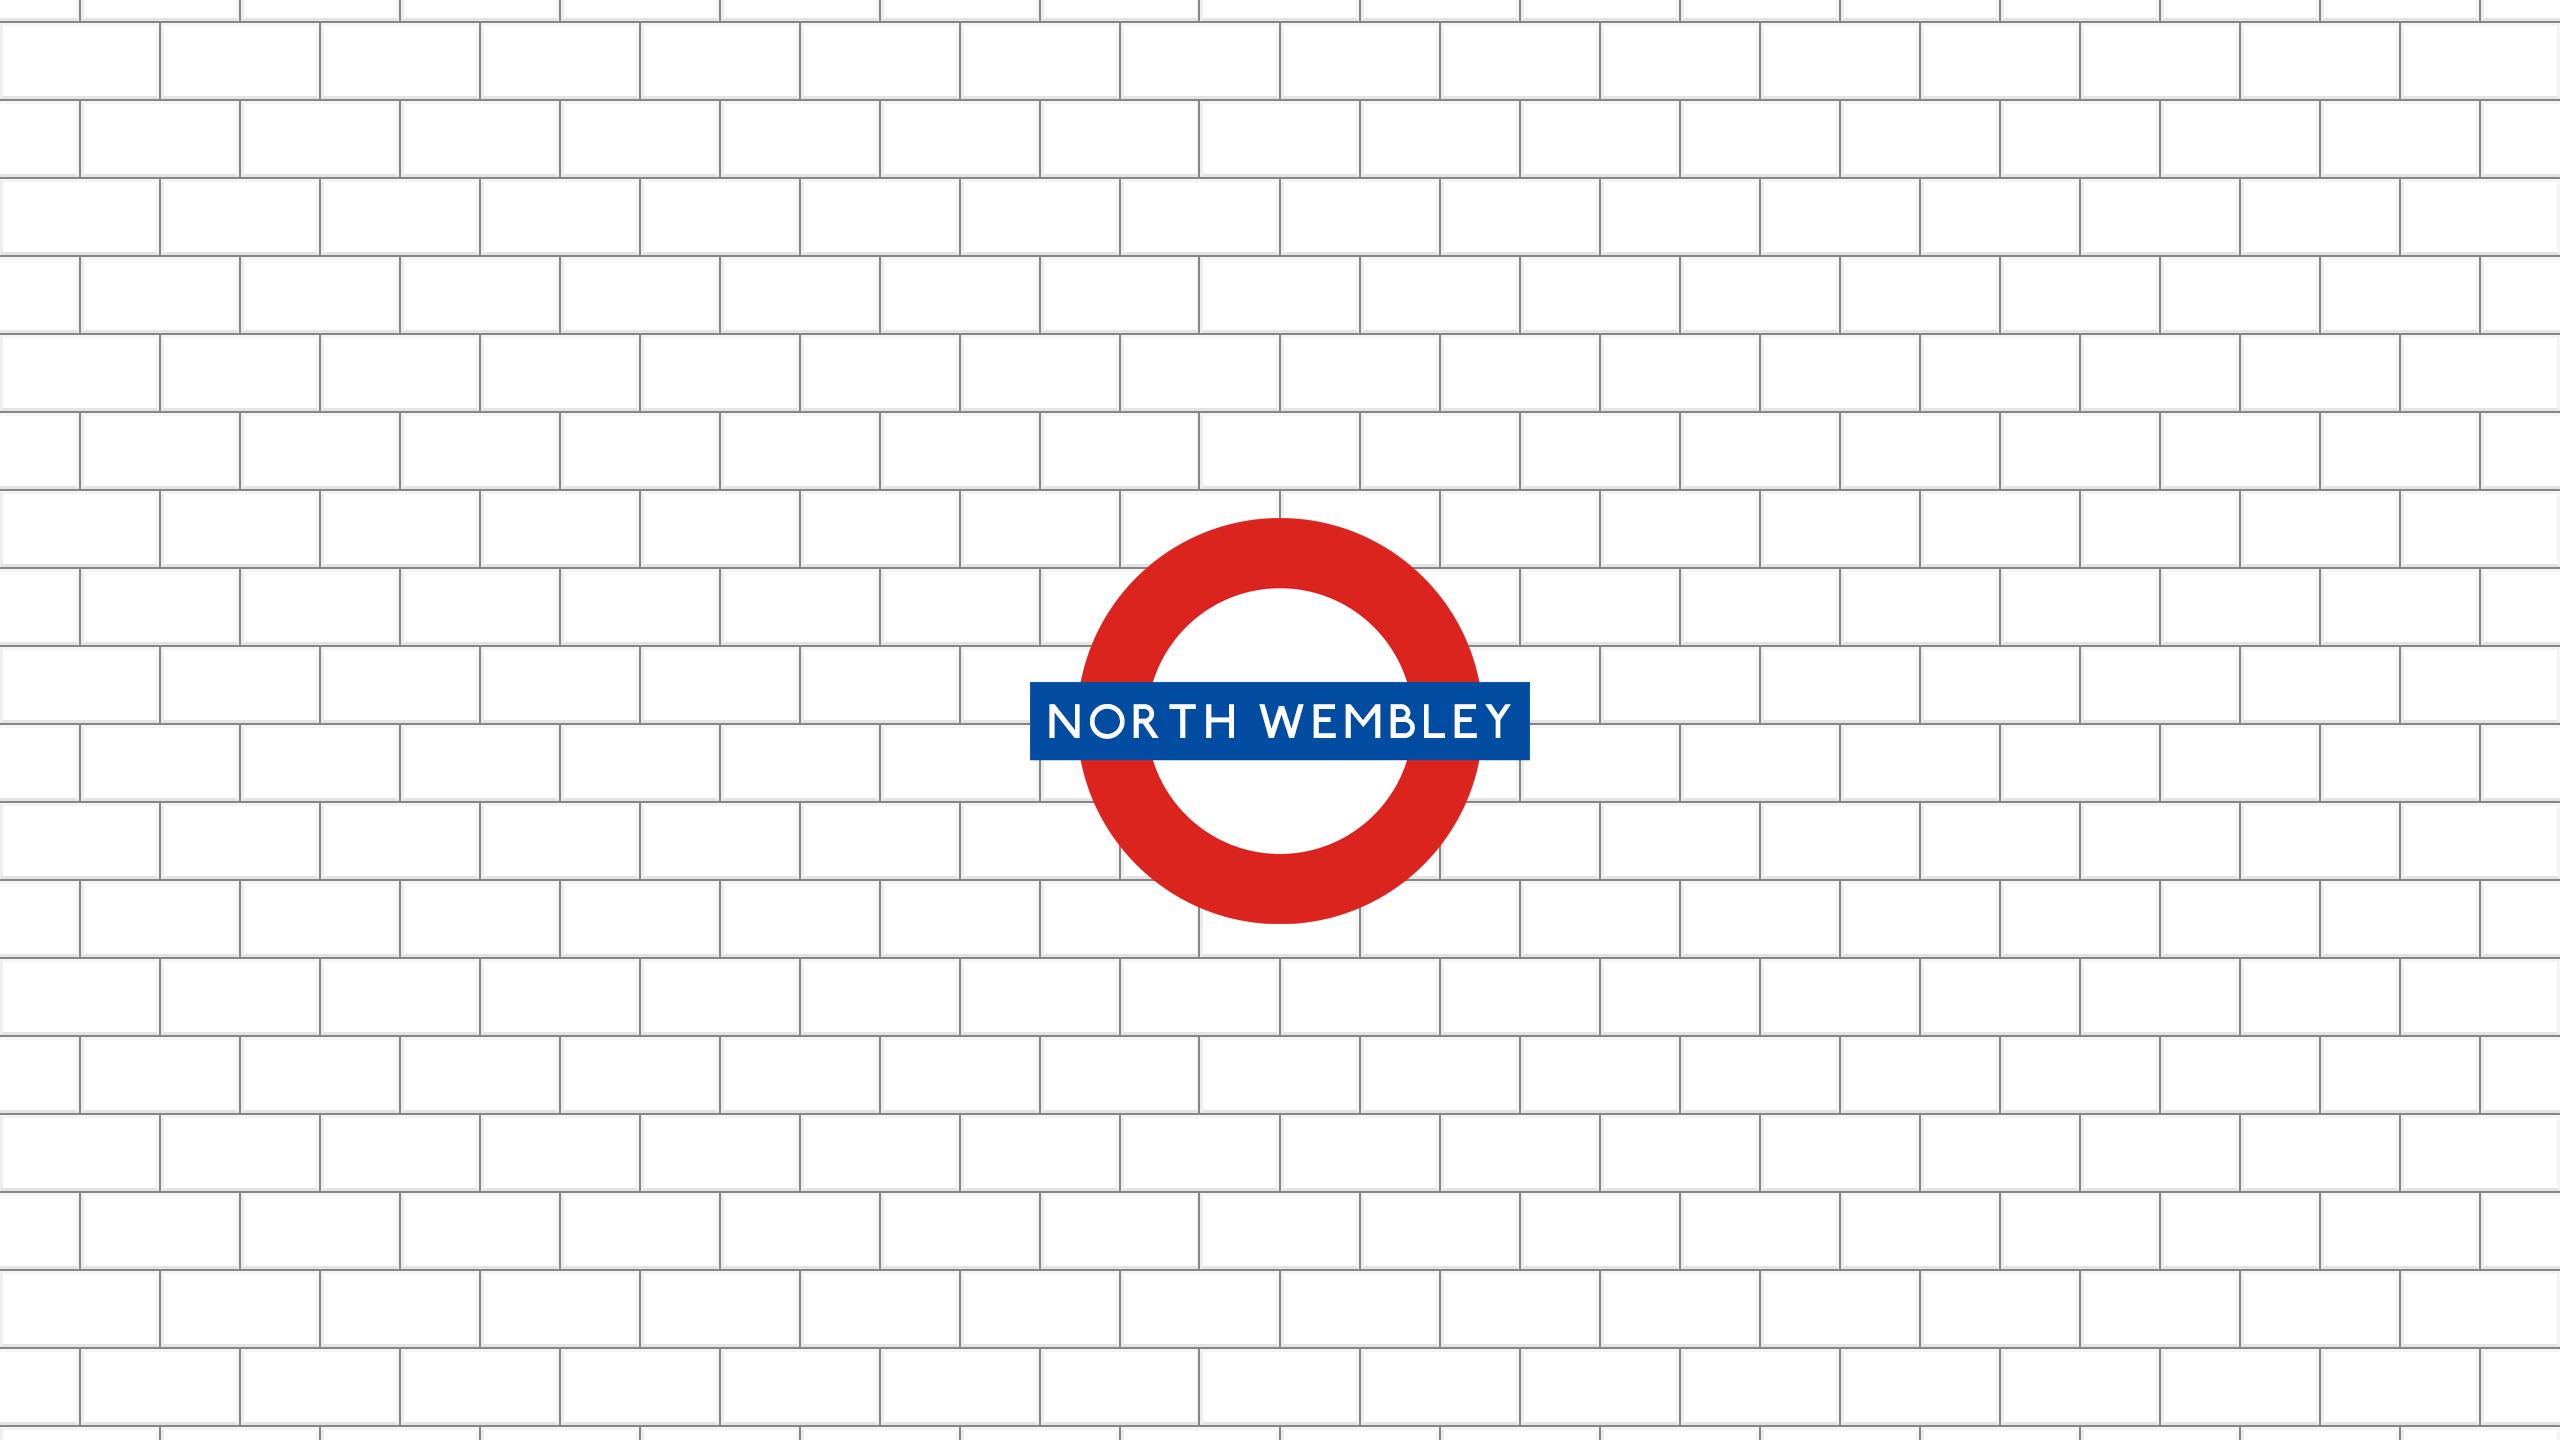 North Wembley